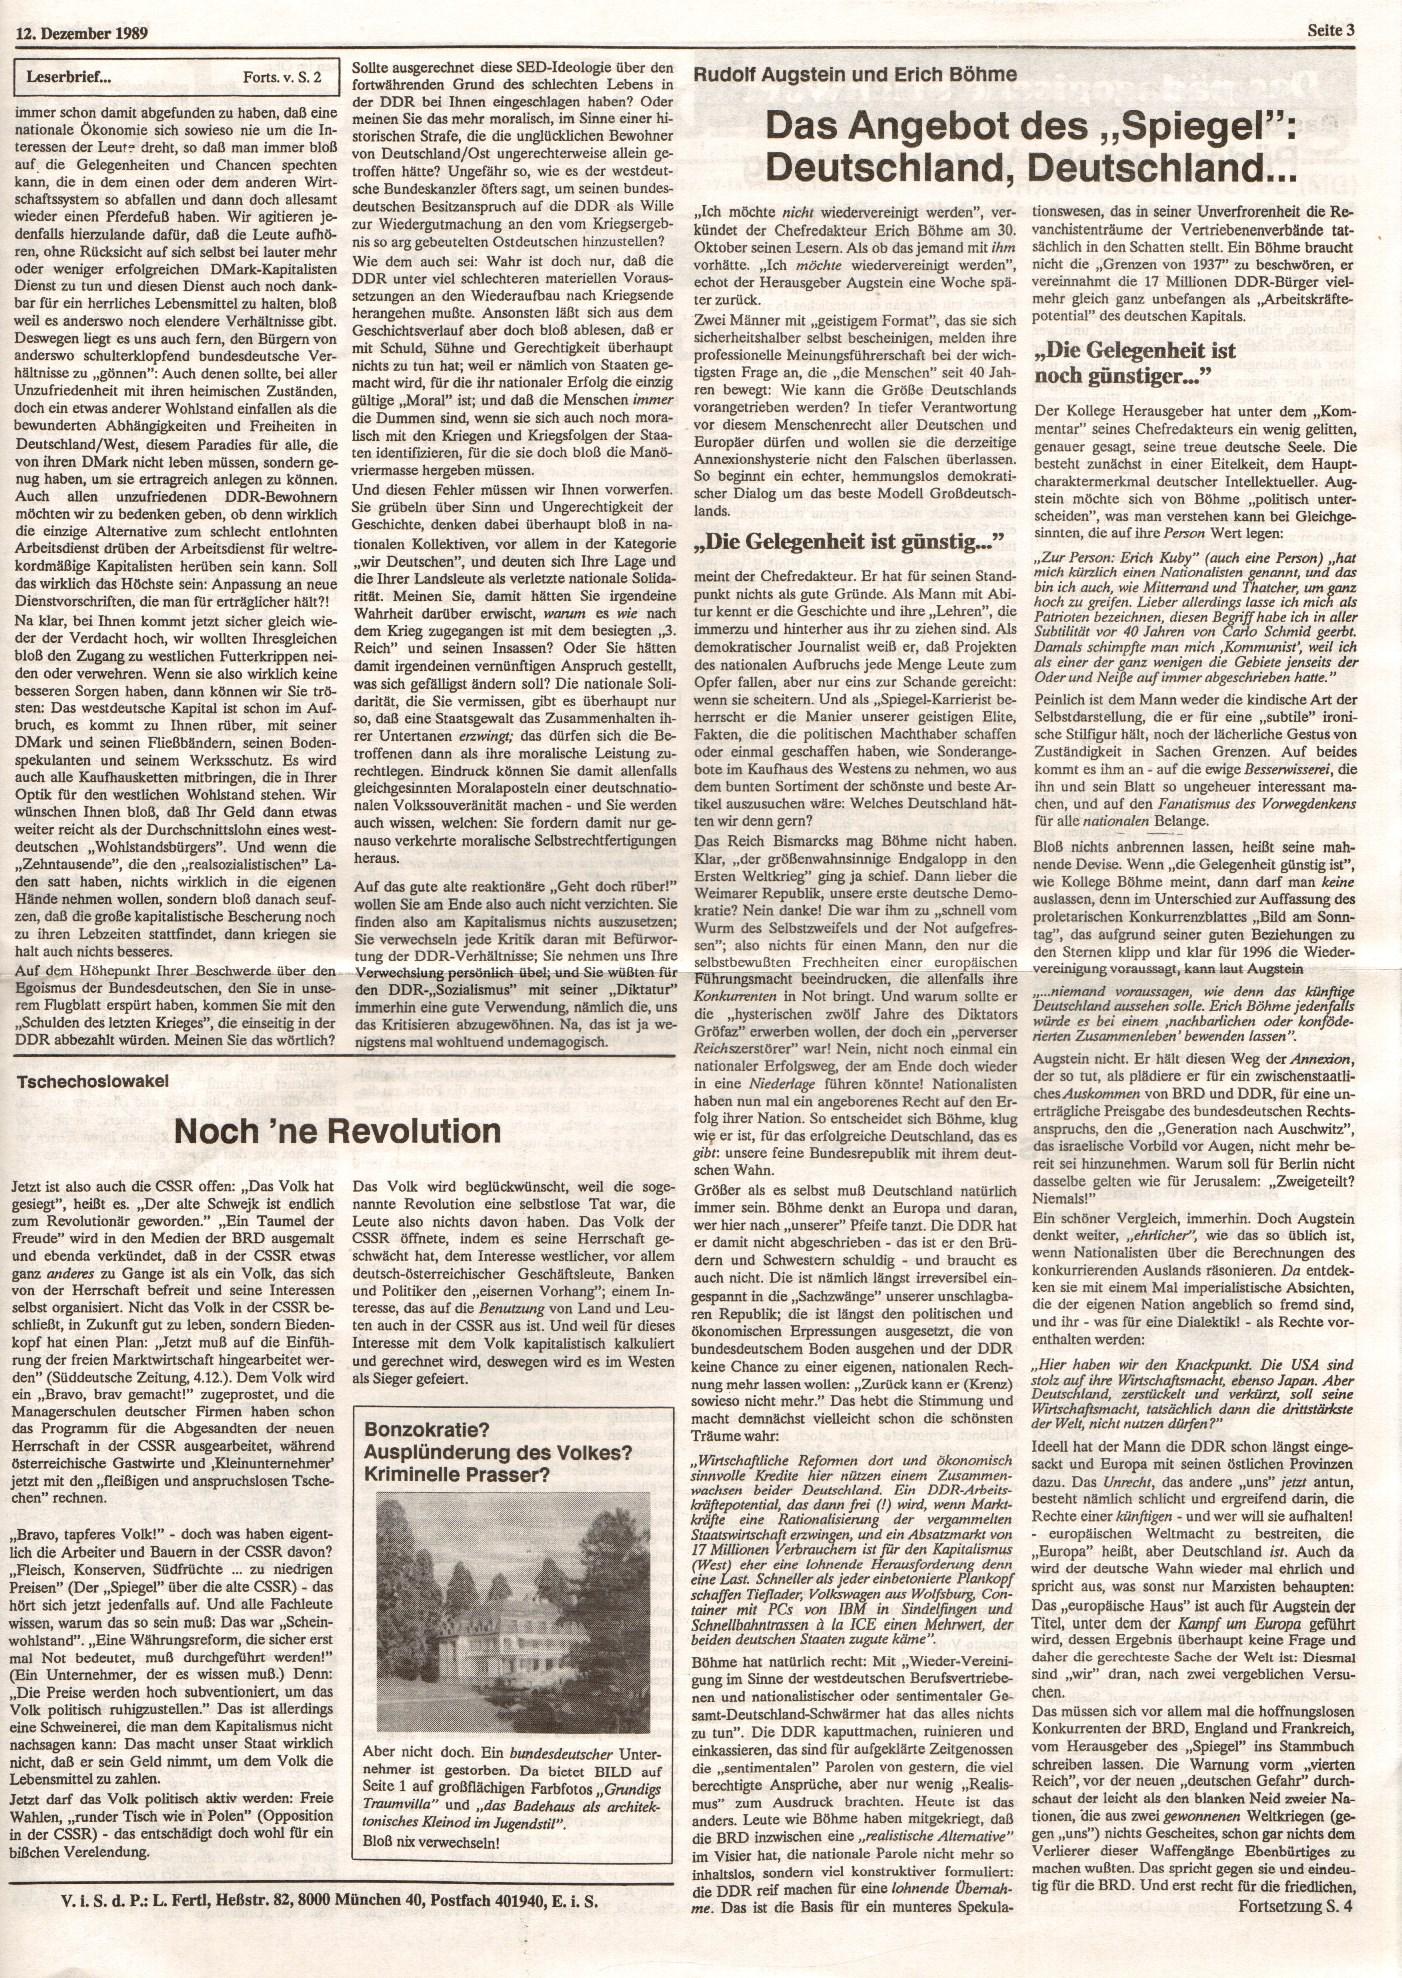 MG_Bochumer_Hochschulzeitung_19891212_03